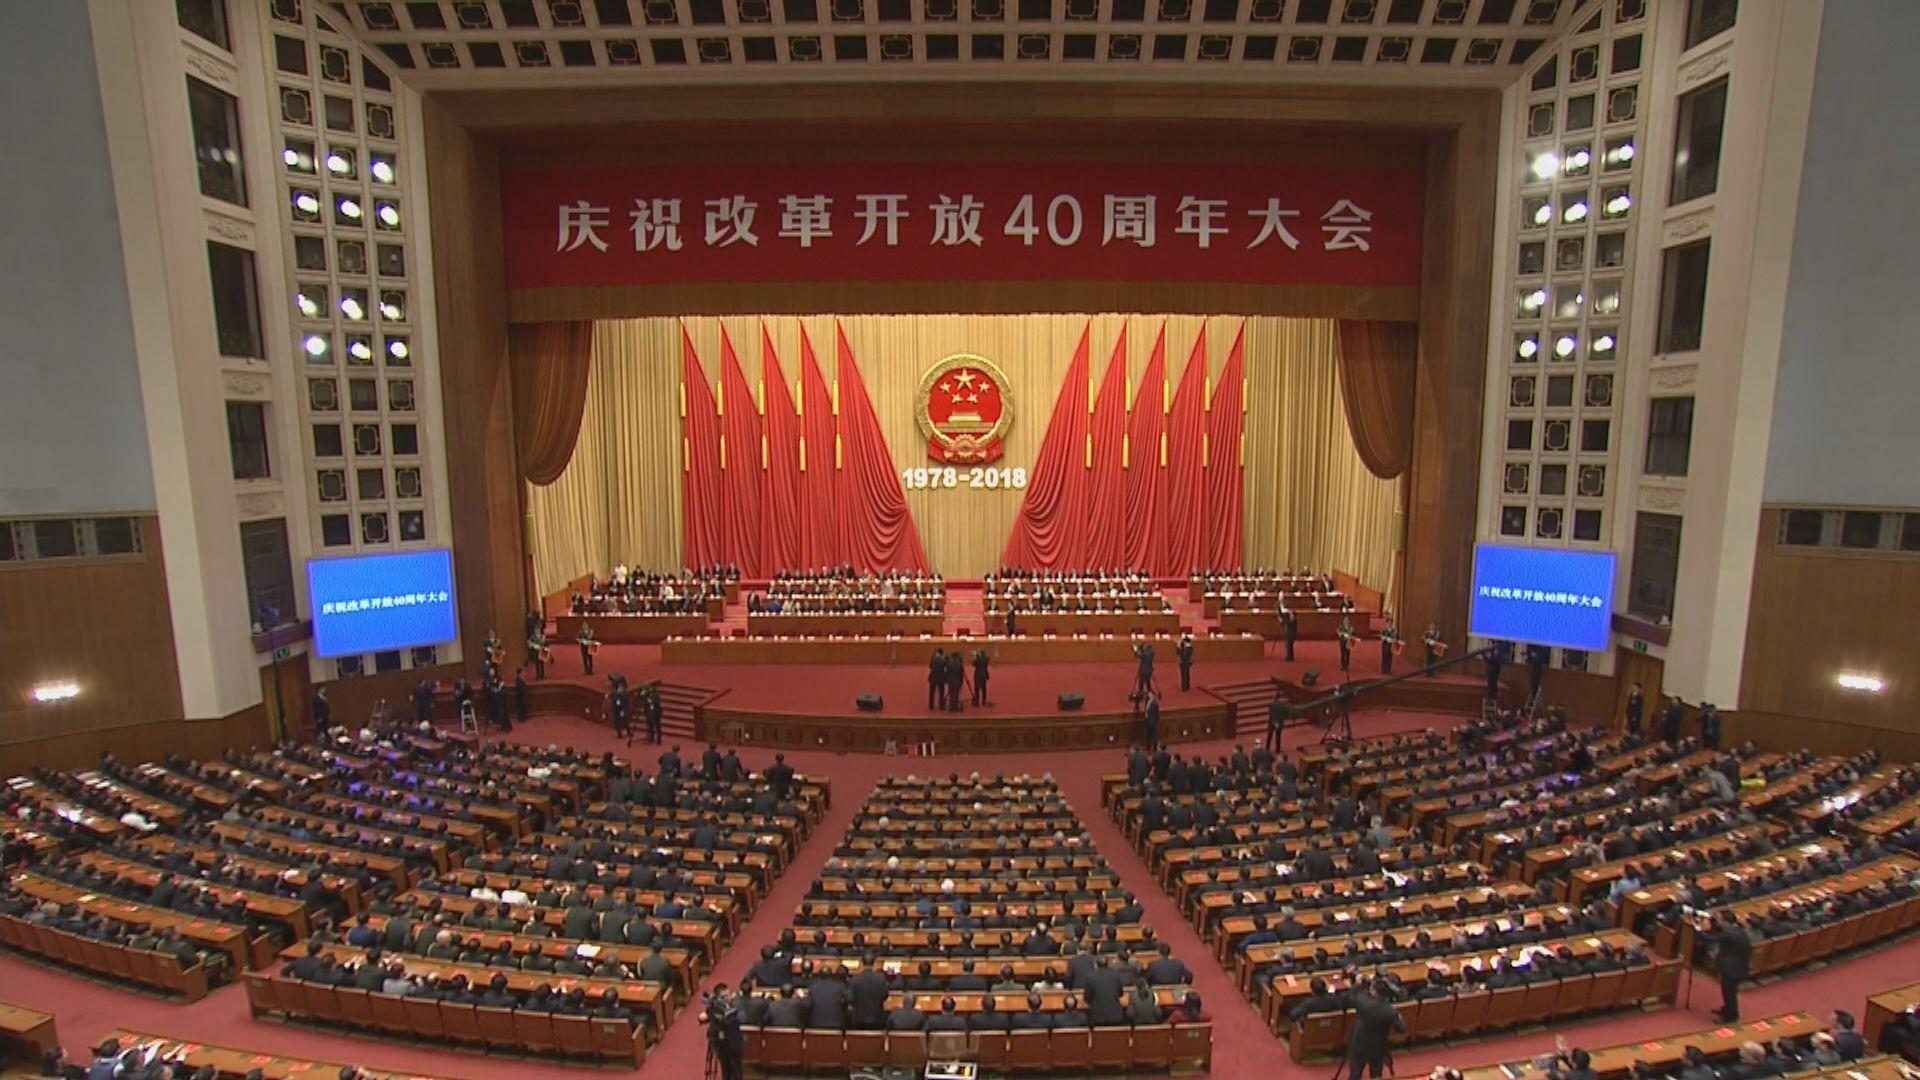 北京舉行慶祝改革開放四十周年大會